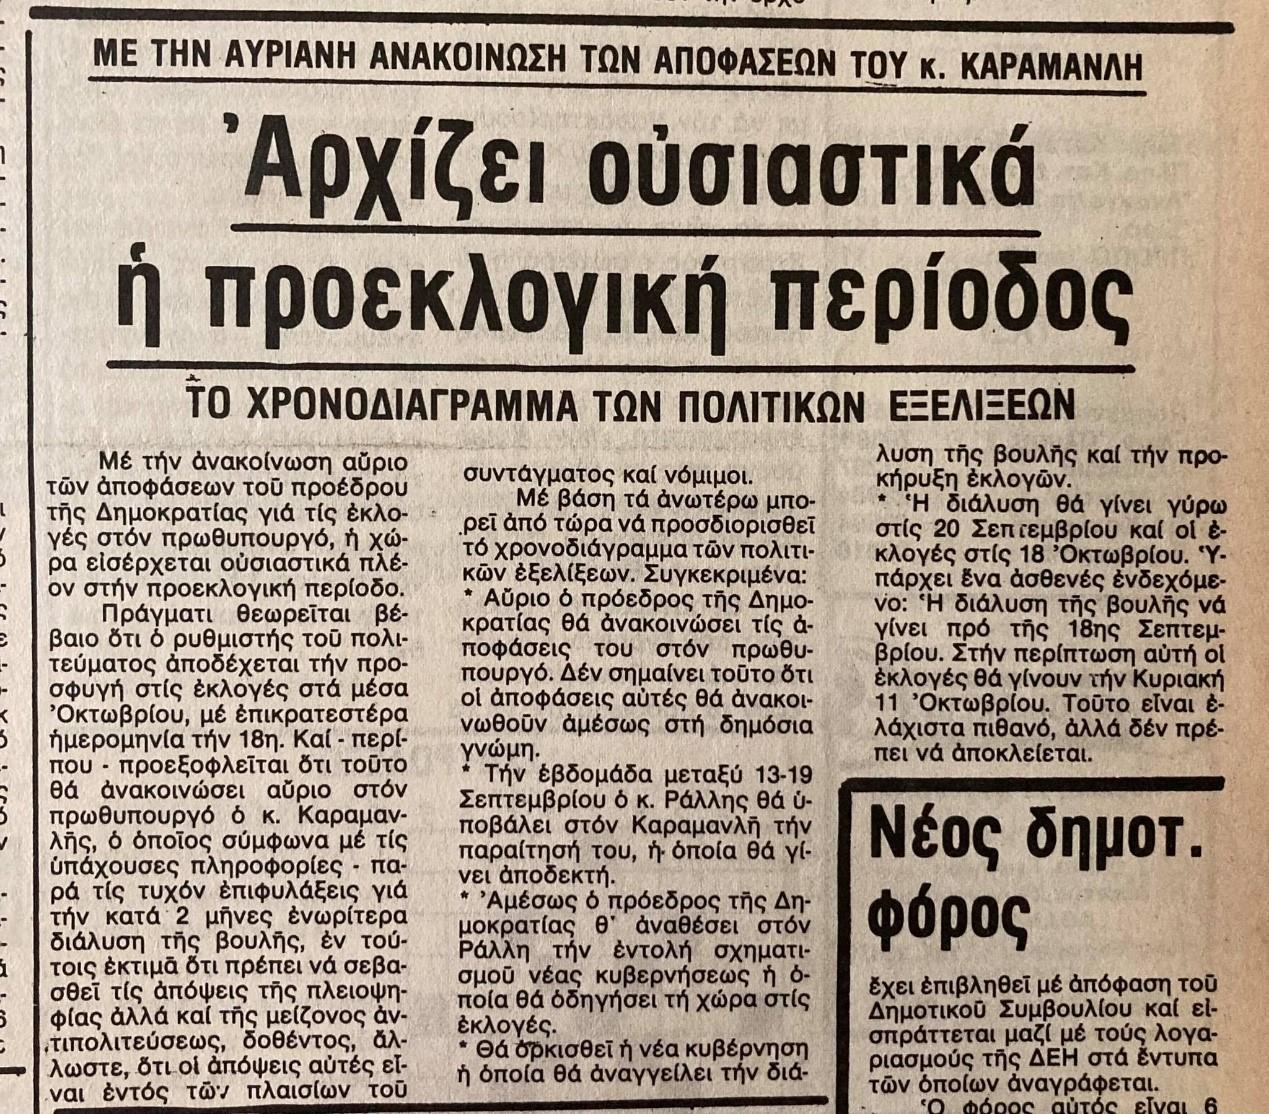 Πέμπτη 23 Αυγούστου 1981